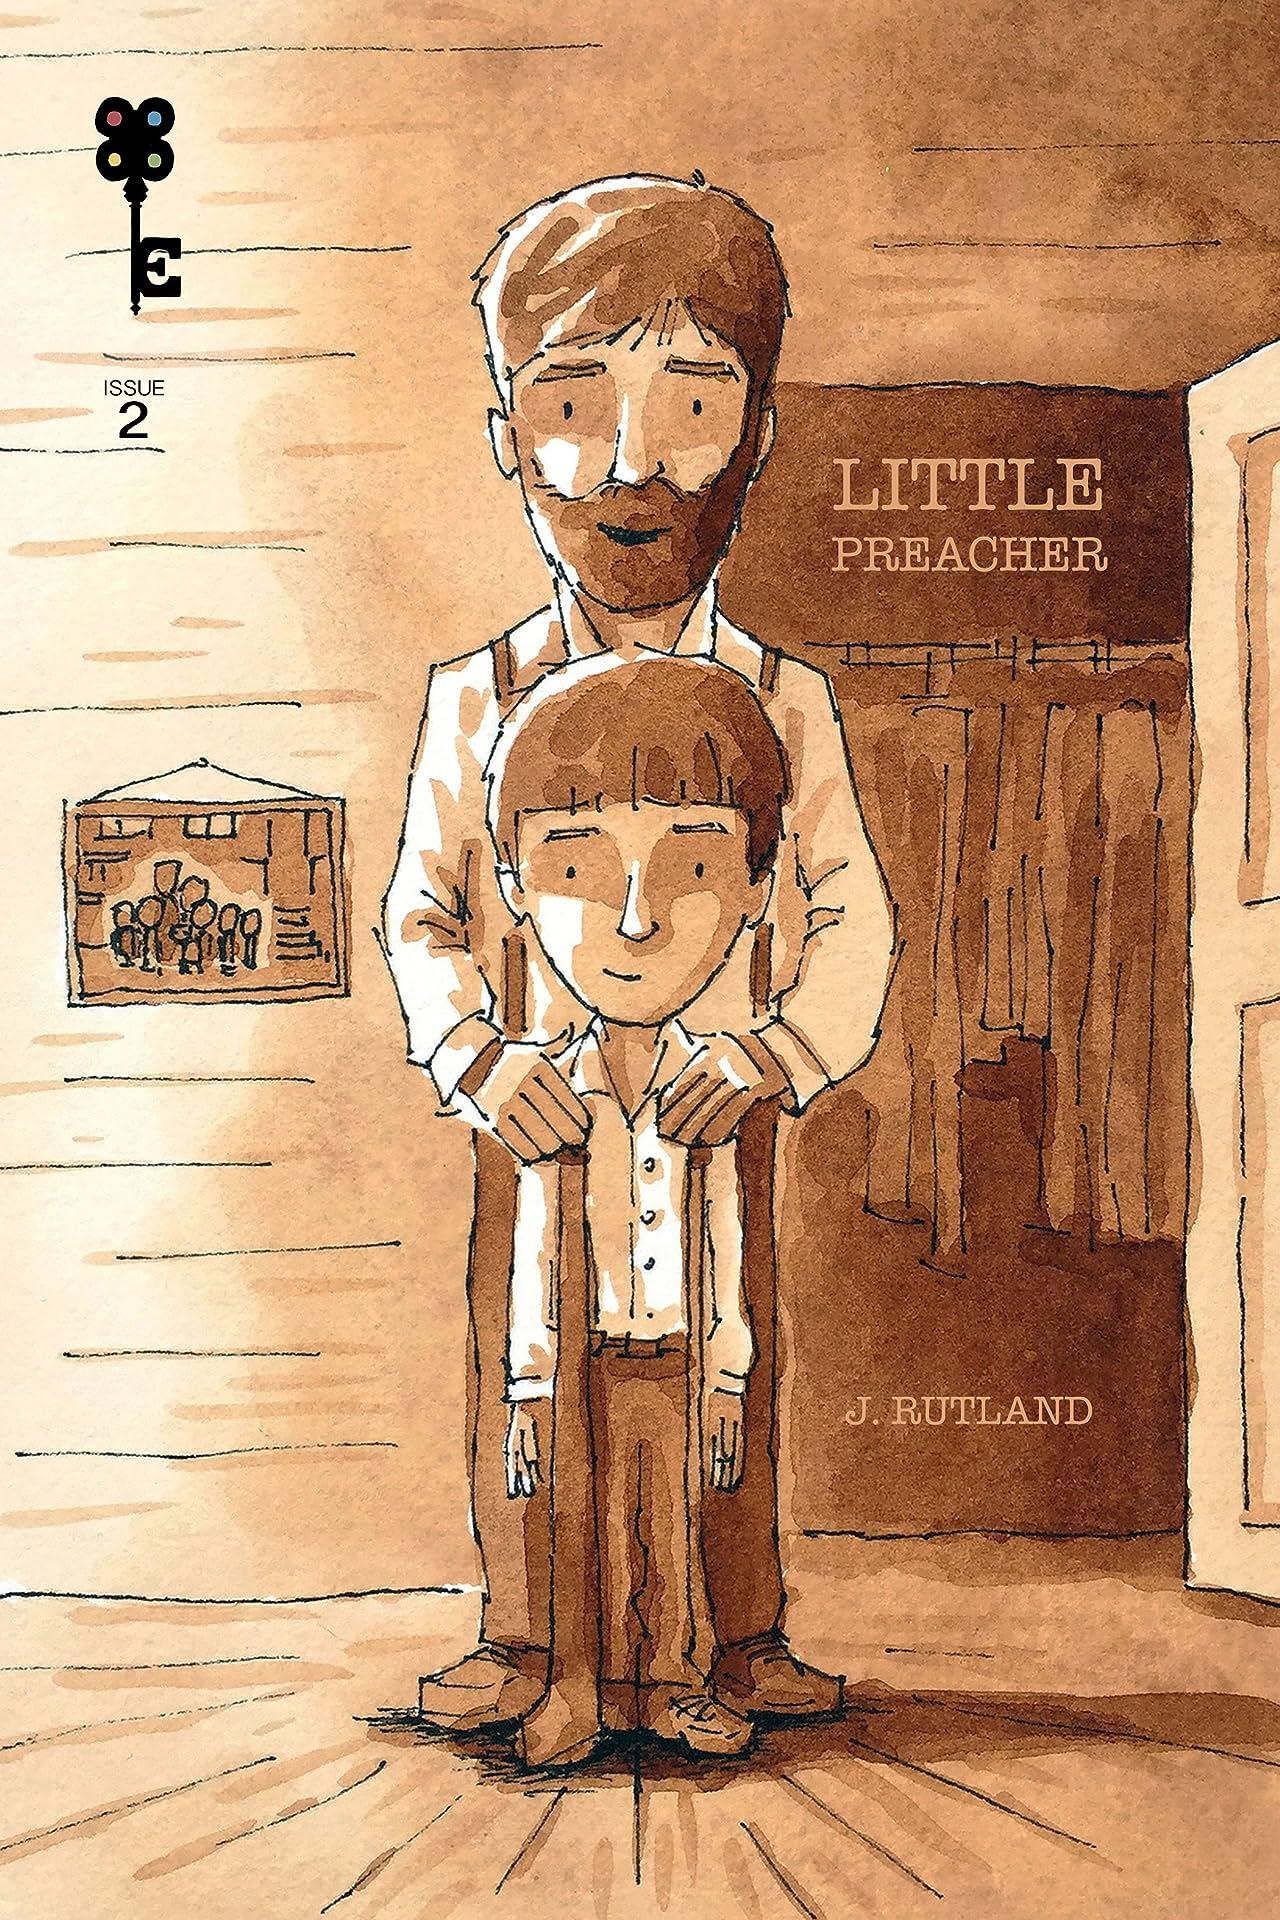 Little Preacher #2